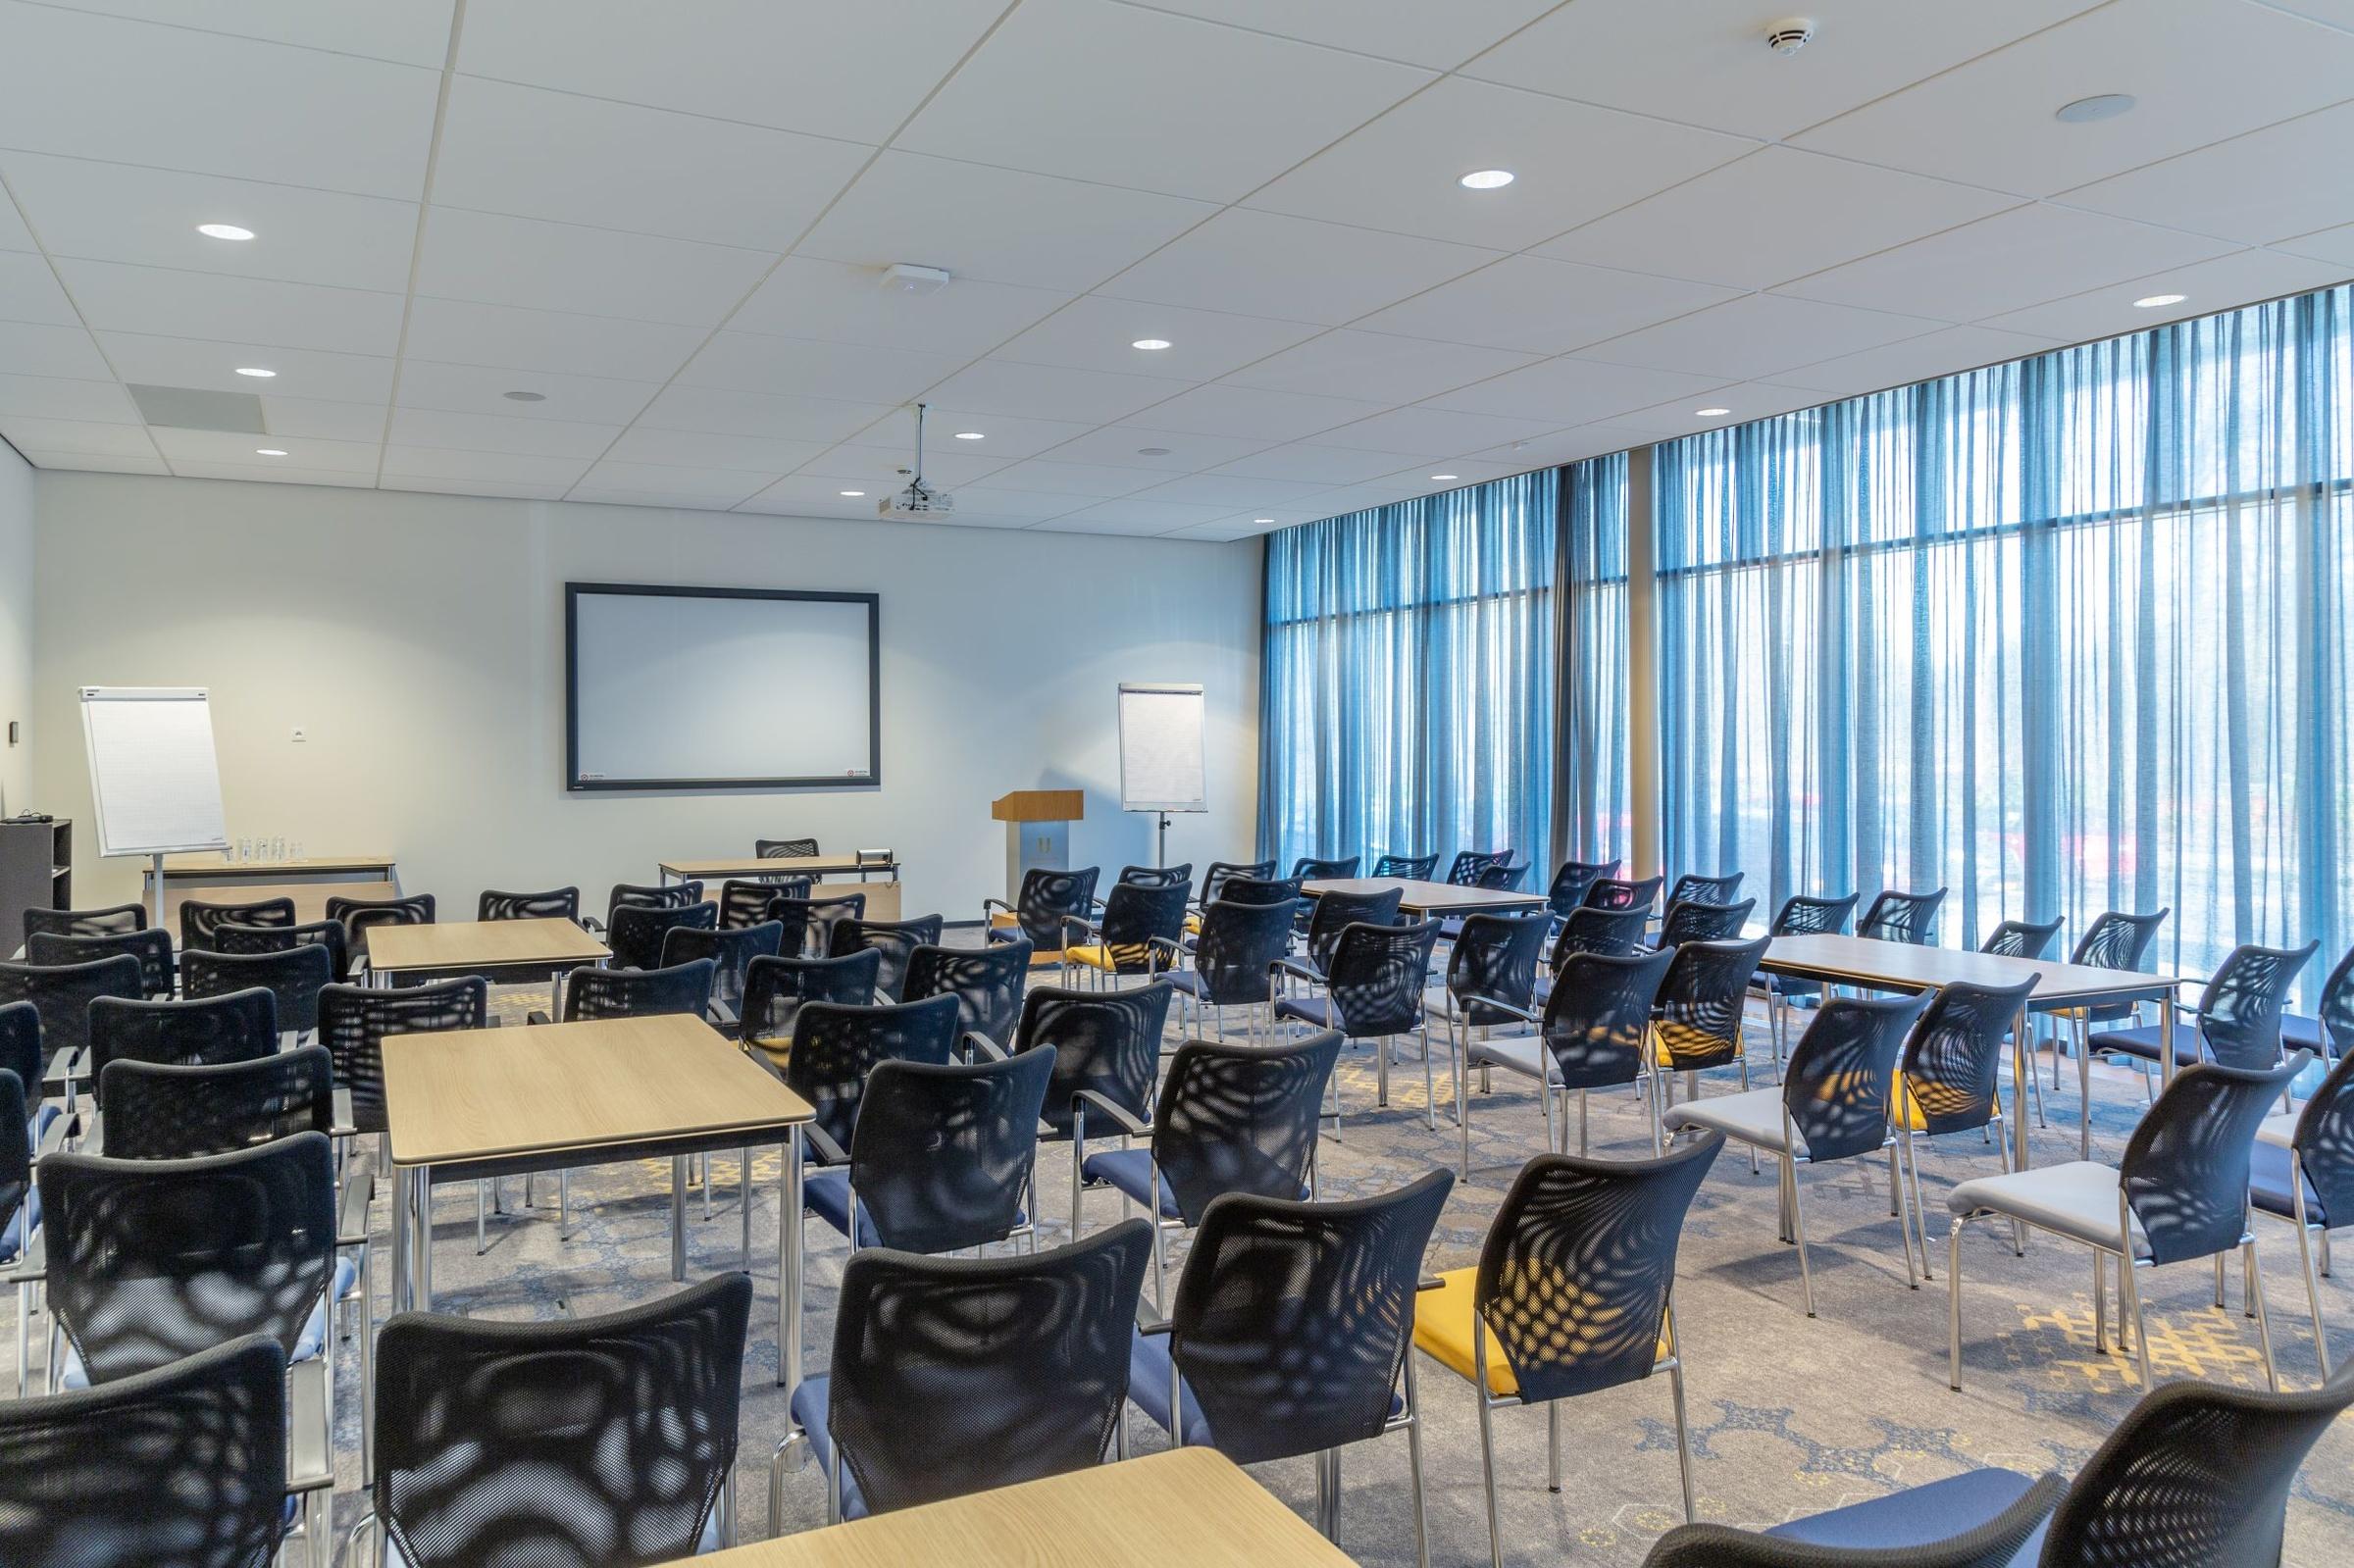 U Parkhotel Conference Room ICCL2020